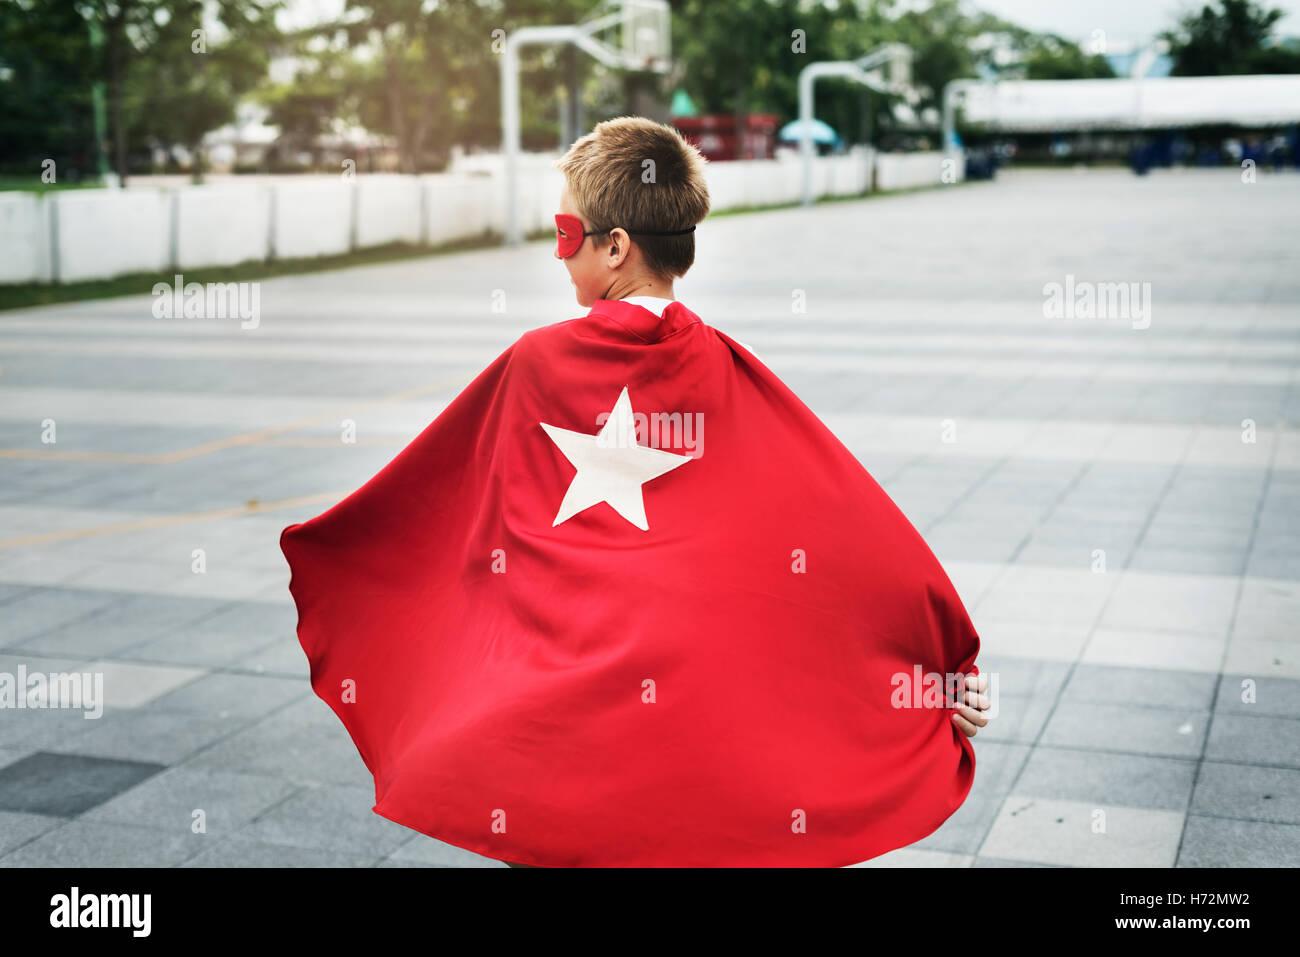 Il supereroe Boy immaginazione libertà felicità Concept Immagini Stock